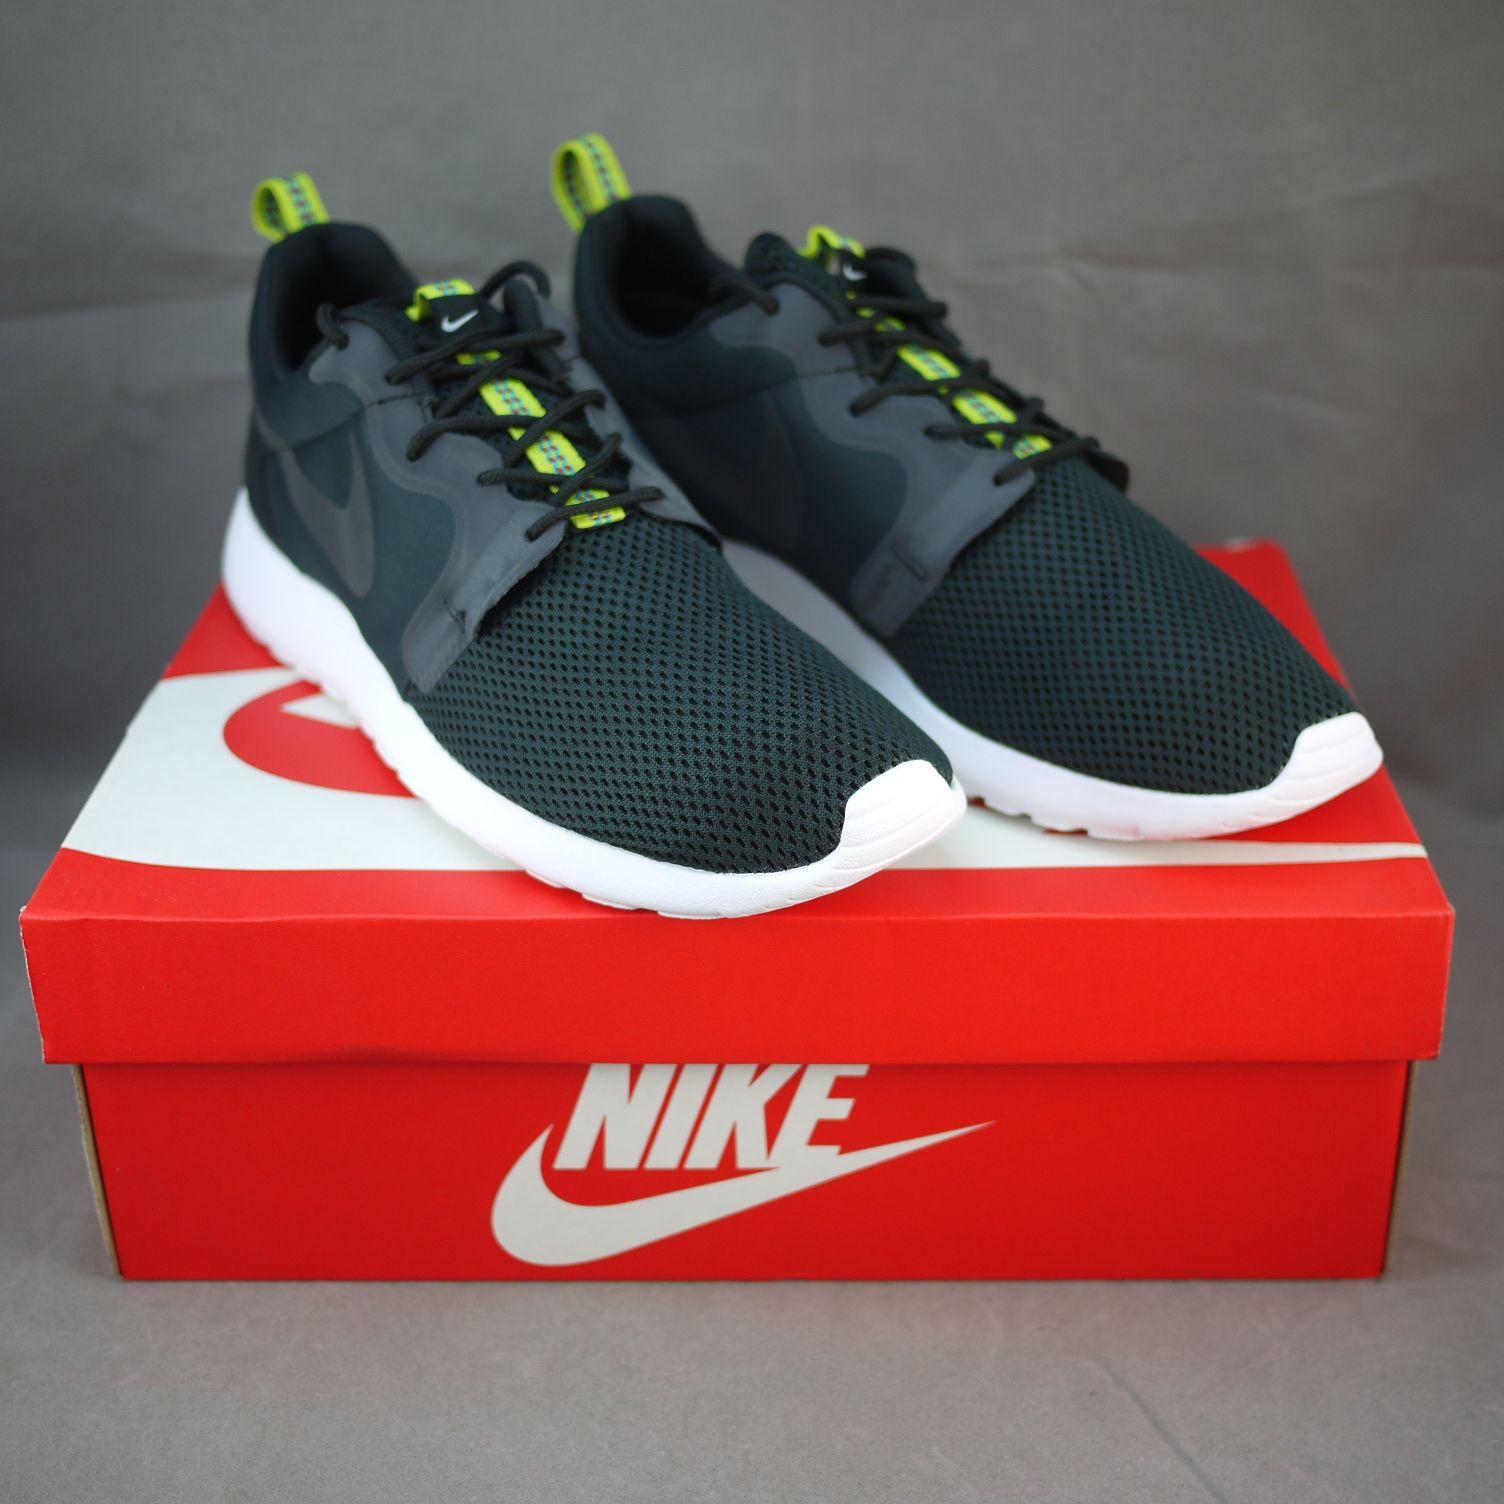 online store 1d26f abc79 Nike Roshe Run Hyperfuse Men 636220-003 Black   Black-Anthracite-Venom Green  3M